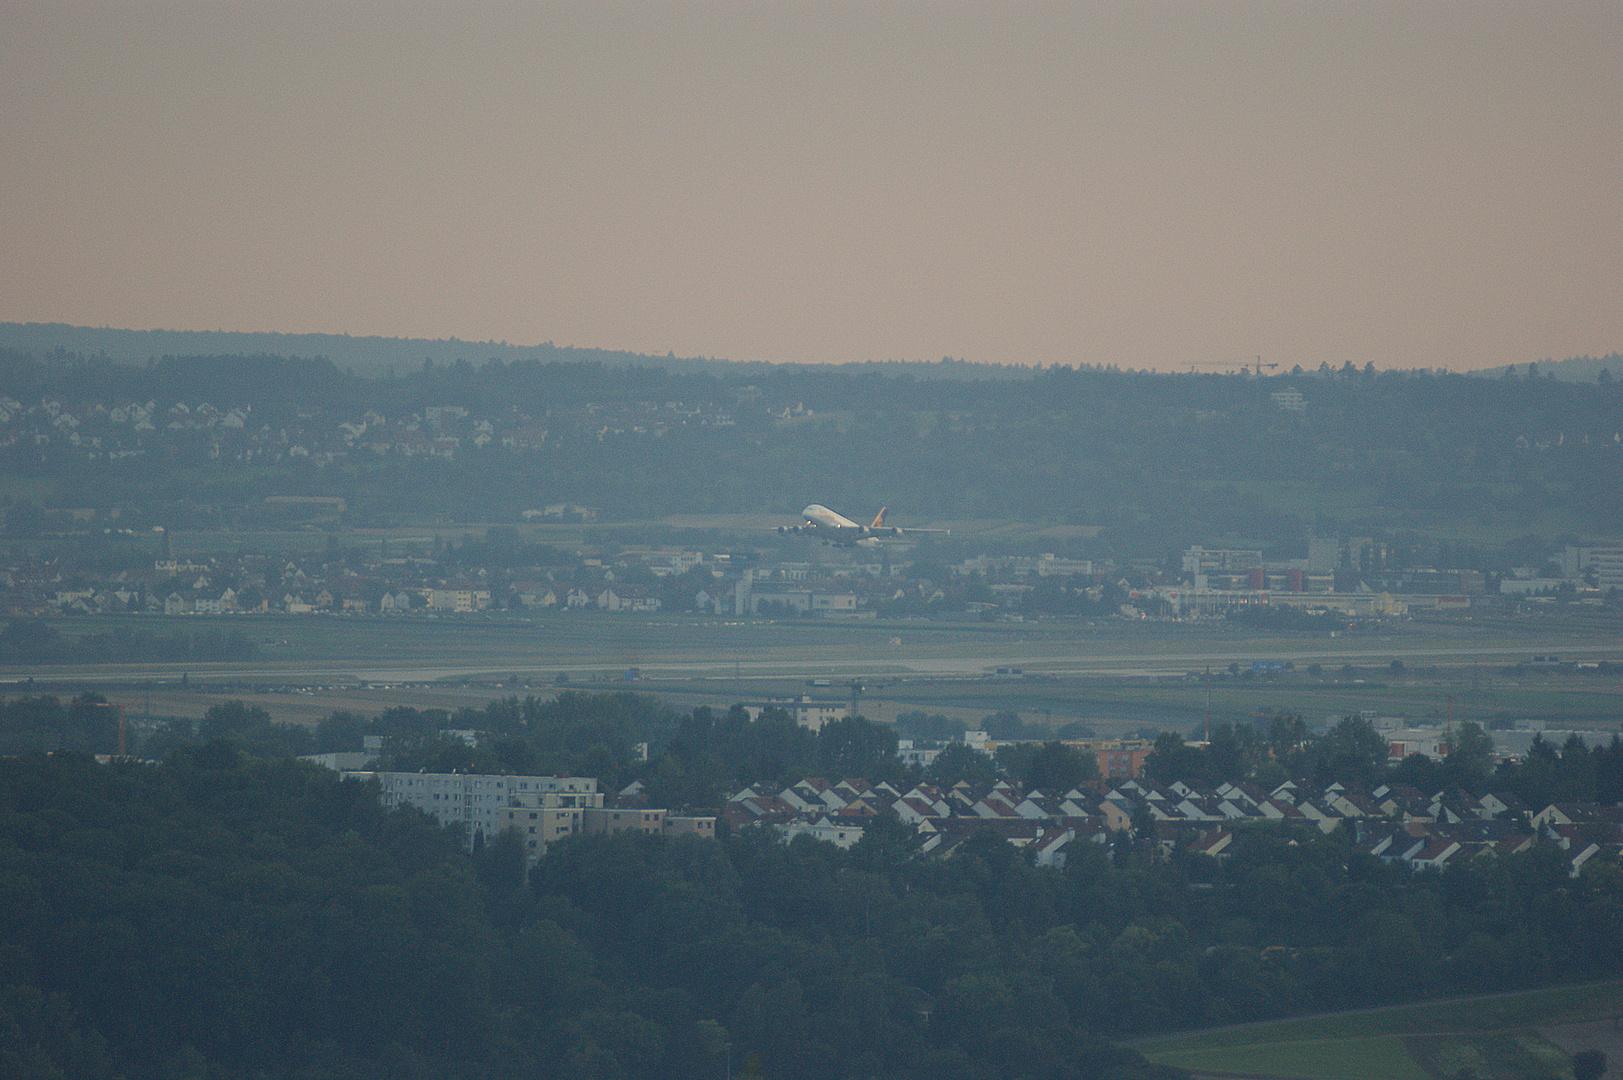 A-380 Flughafen Stuttgart